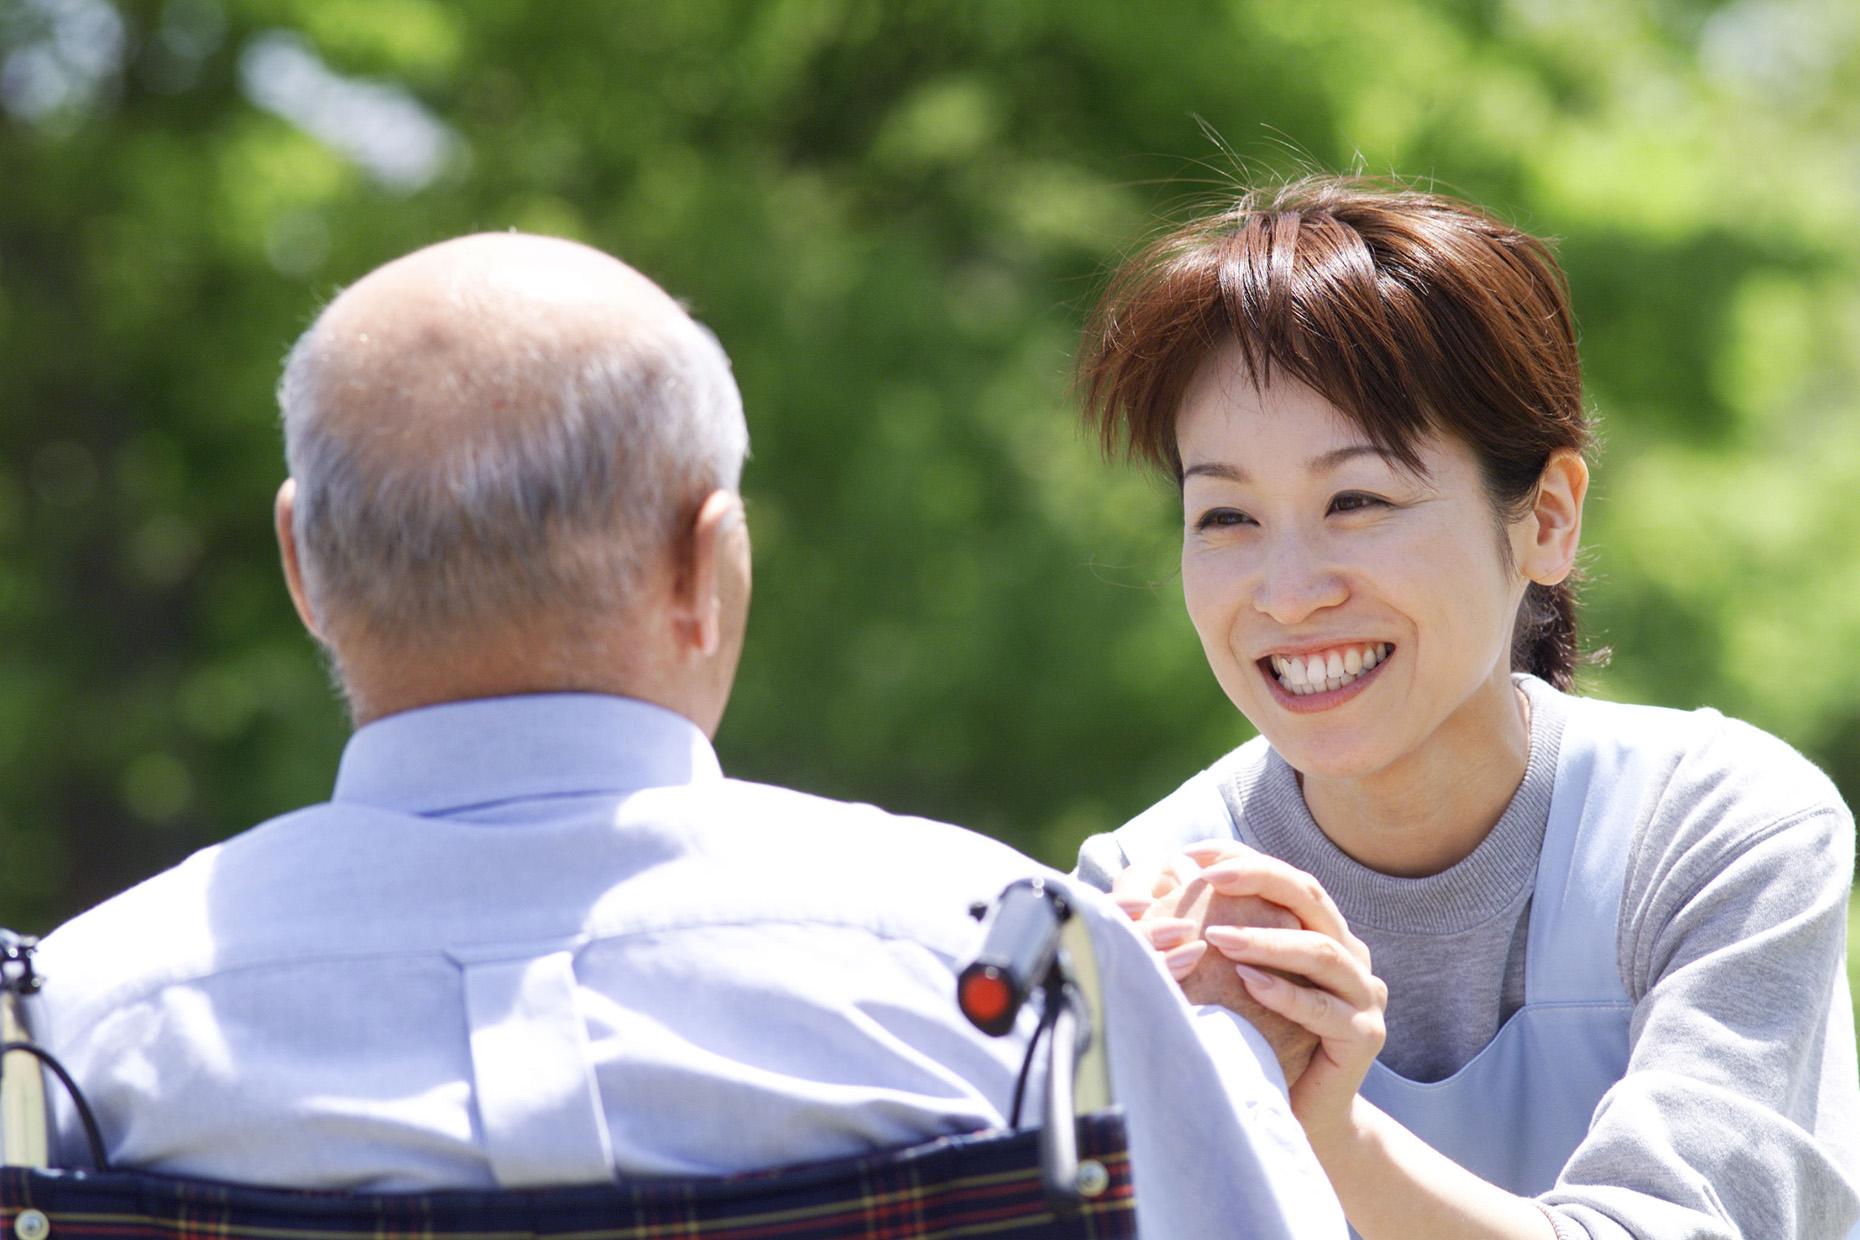 介護福祉士実務者研修(おおまち教室)の令和元年7月生募集